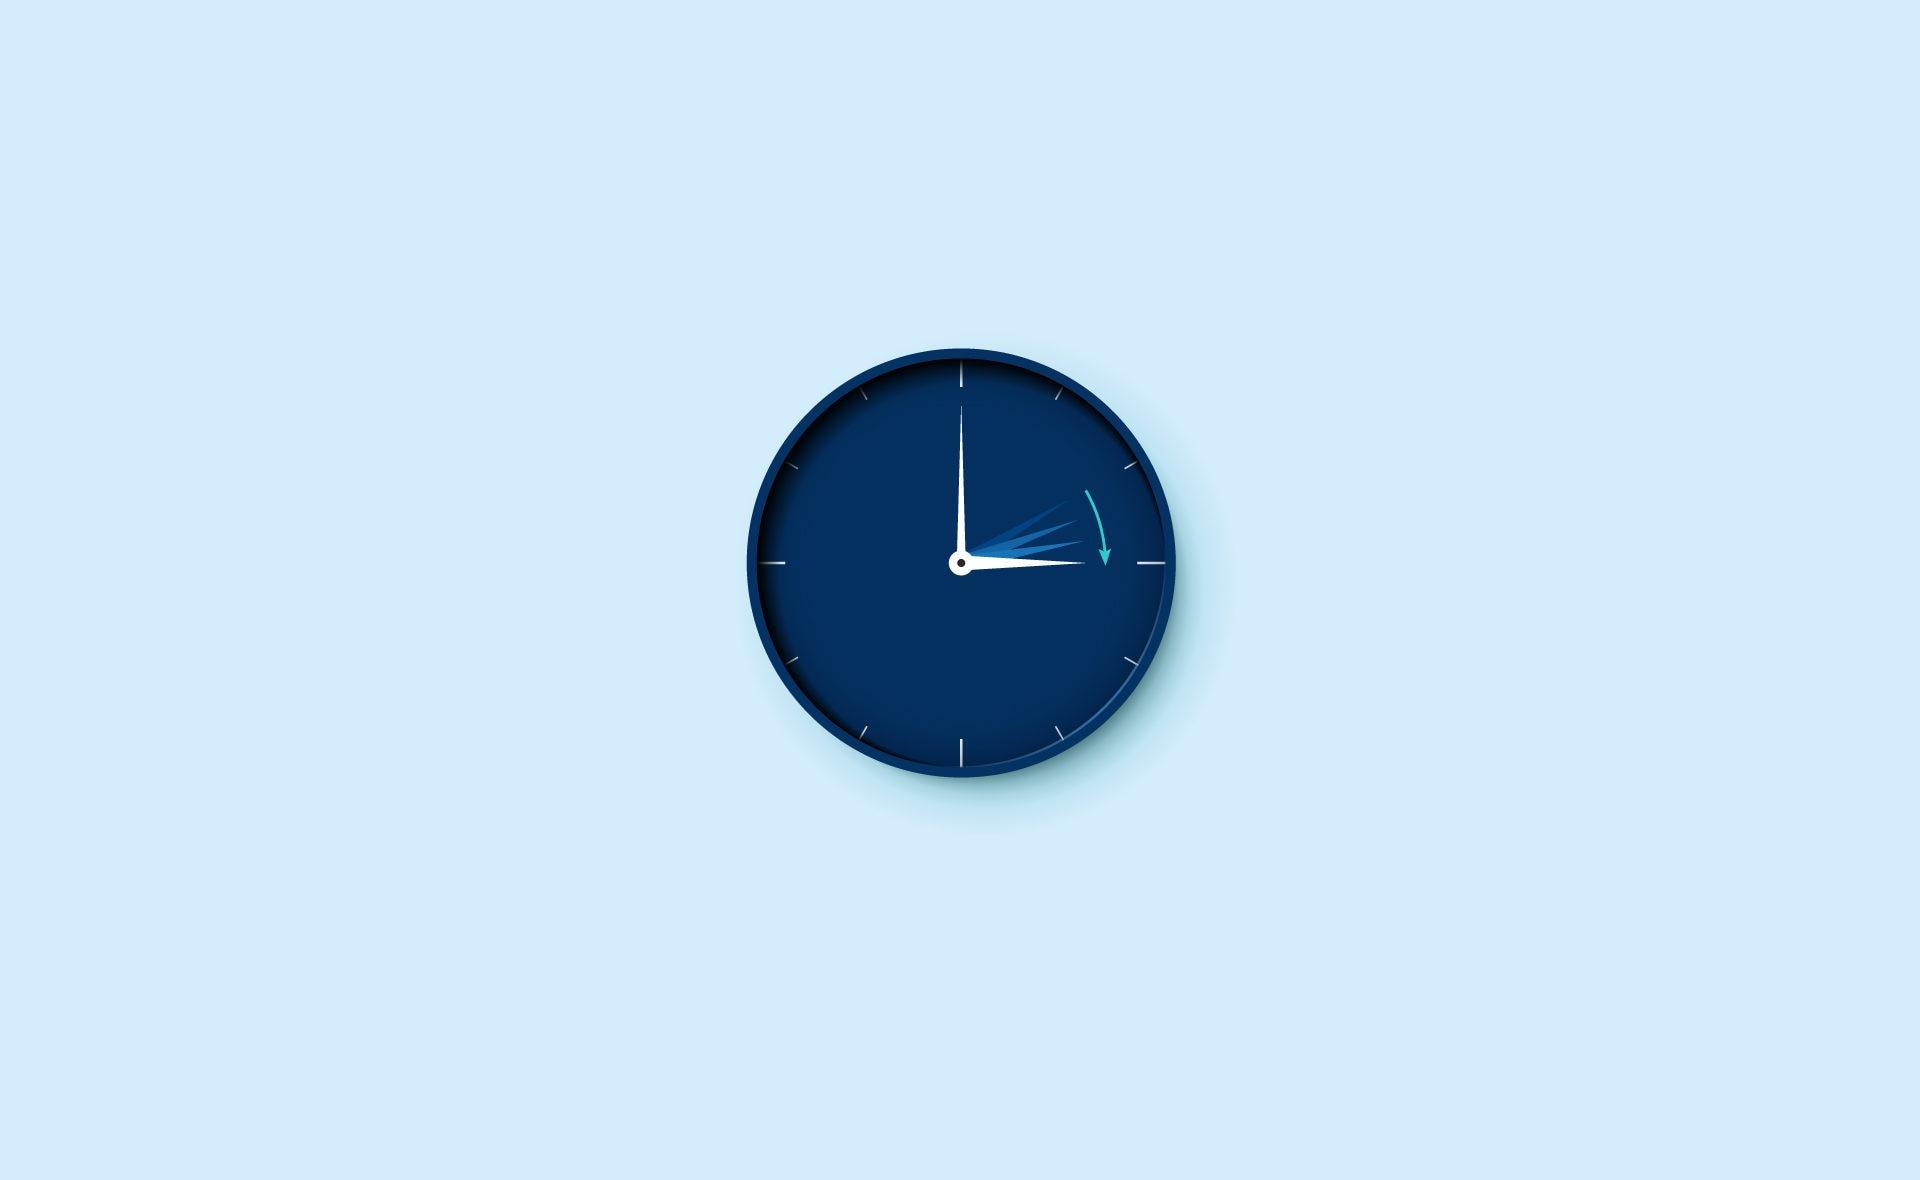 cambio-hora-horario-verano-coronavirus-bbva